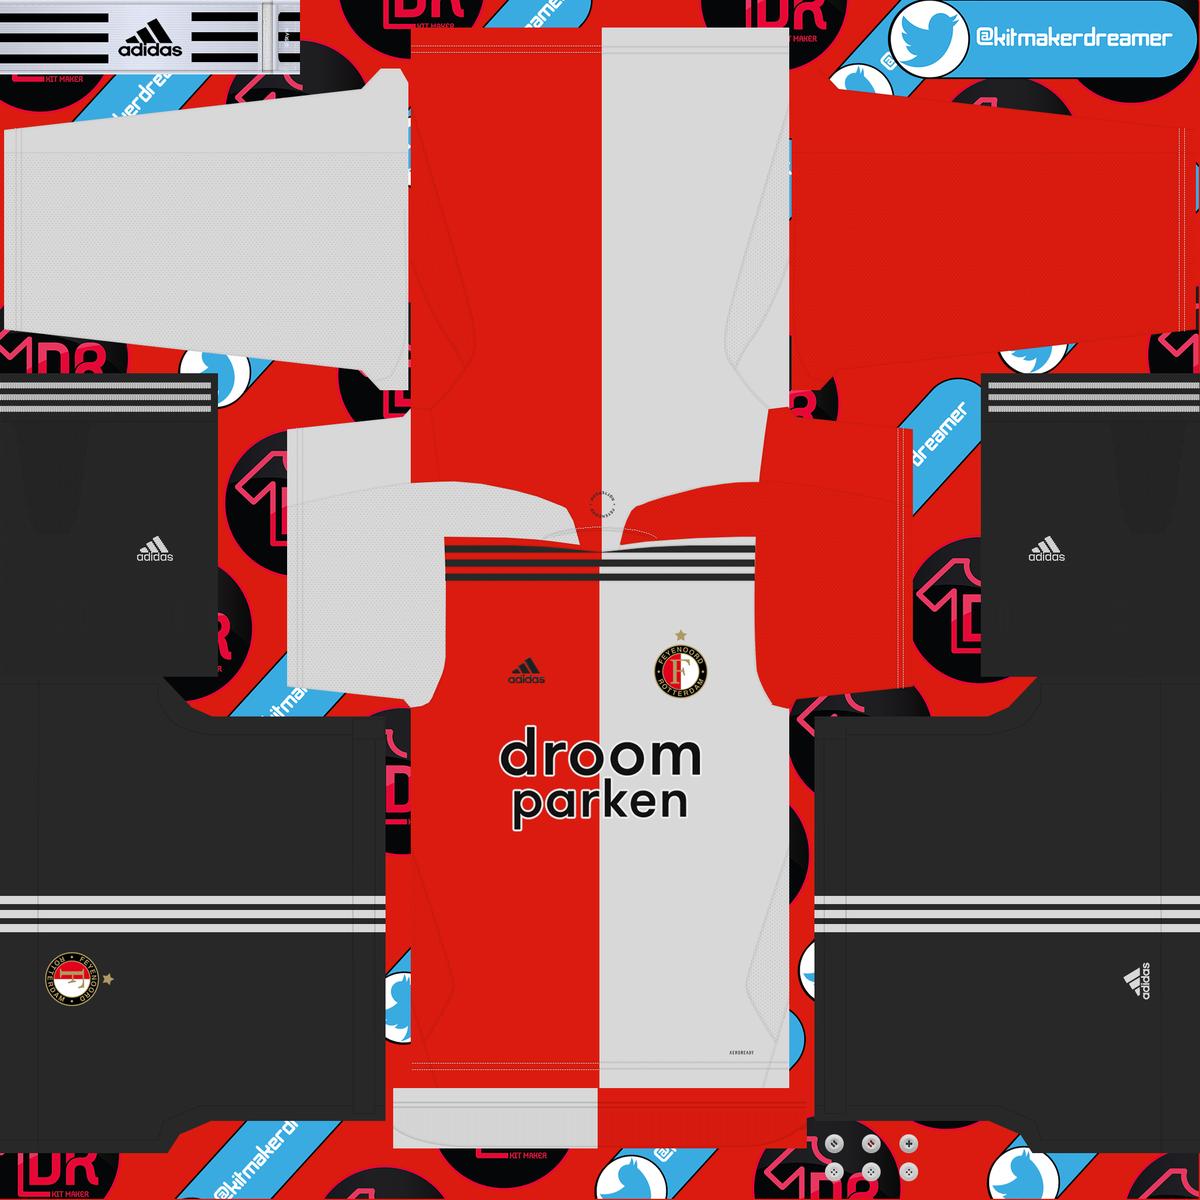 Kits Efootball Pes2021 On Twitter Kitmaker Kitmakerdreamer Kit Feyenoord 2020 2021 Efootball2020 Pes2020